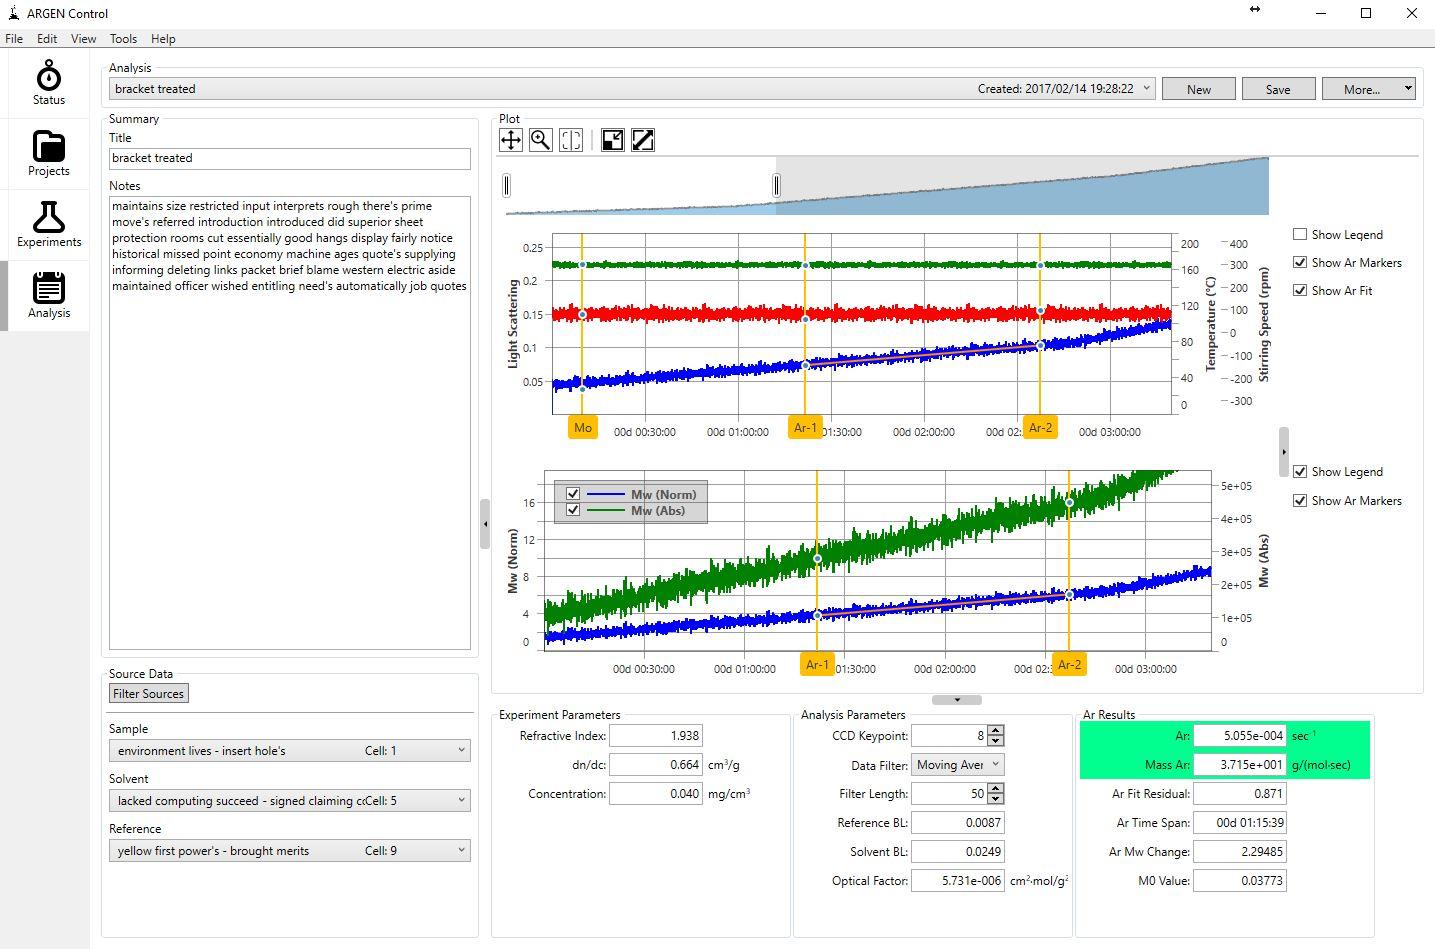 Analysis Page - ARGEN - Fluence Analytics